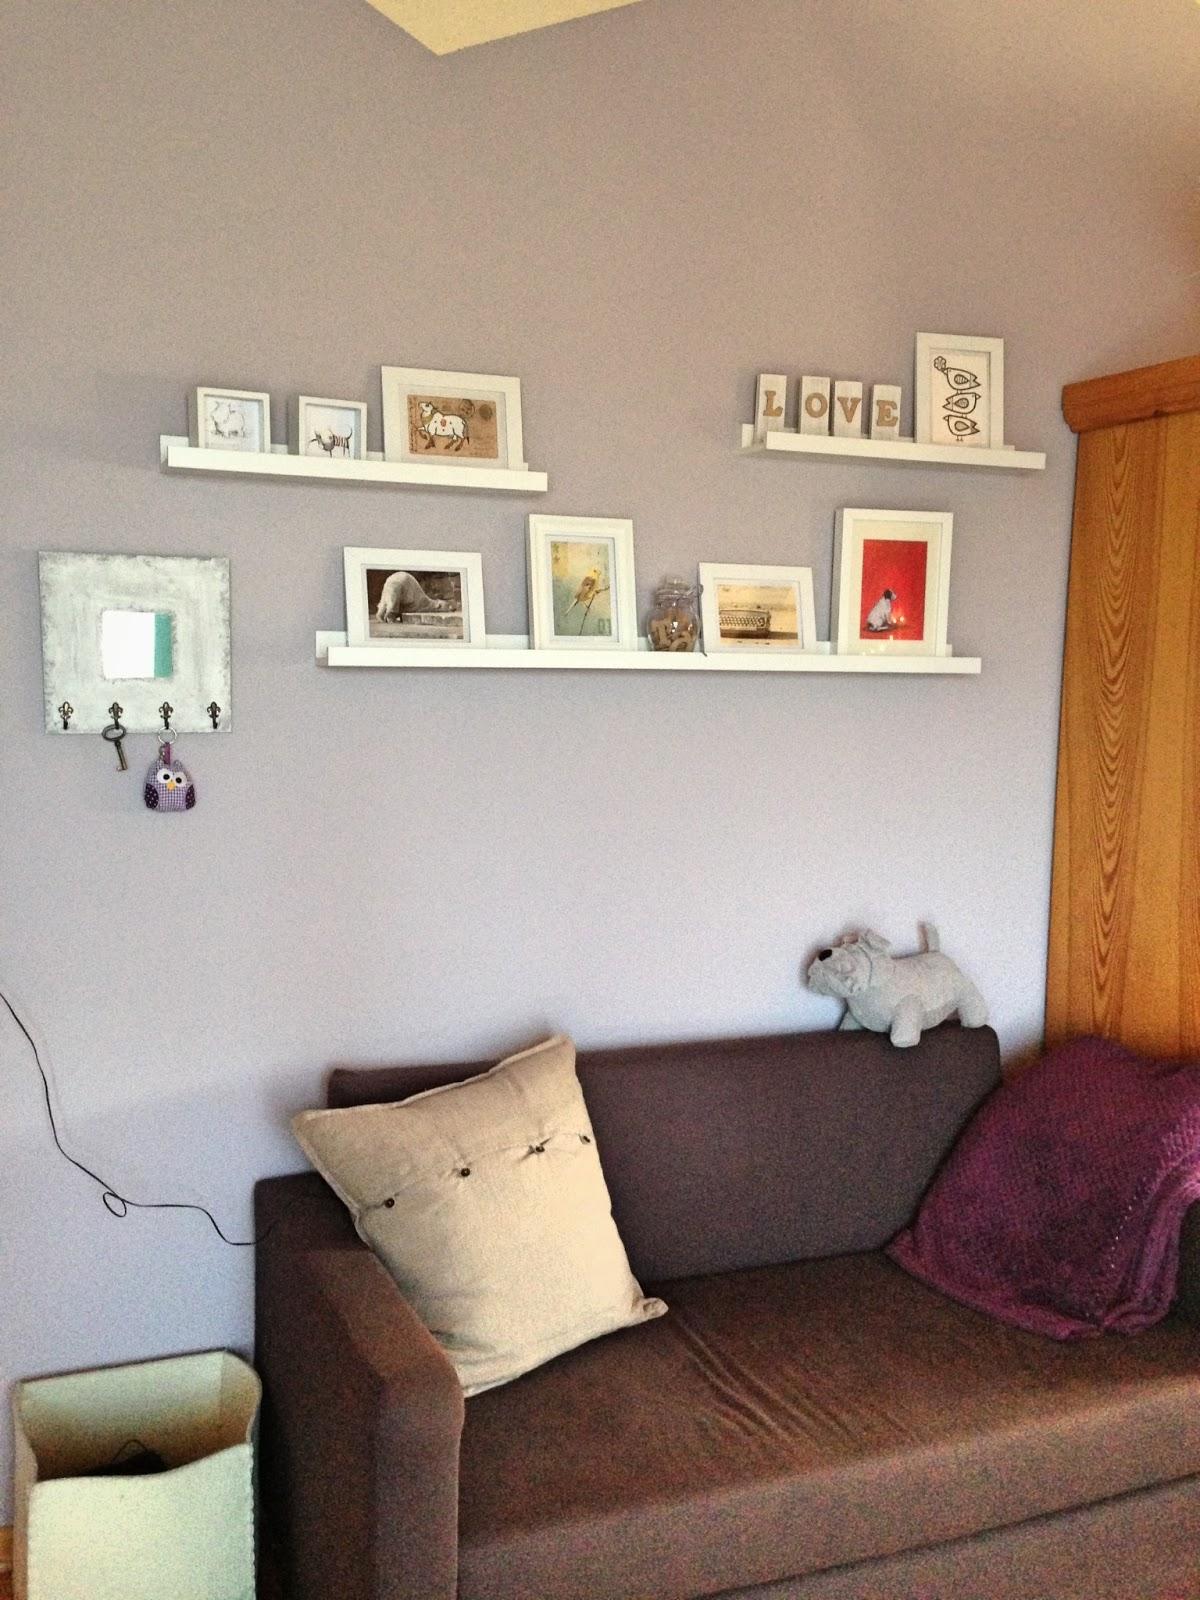 Die Neuen Wandfarben Sind Auch Ganz Entzückend Und Passen Perfekt Zum  Romantischen Teenie Zimmer. Hier Würde Ich Auch Gleich Einziehen!